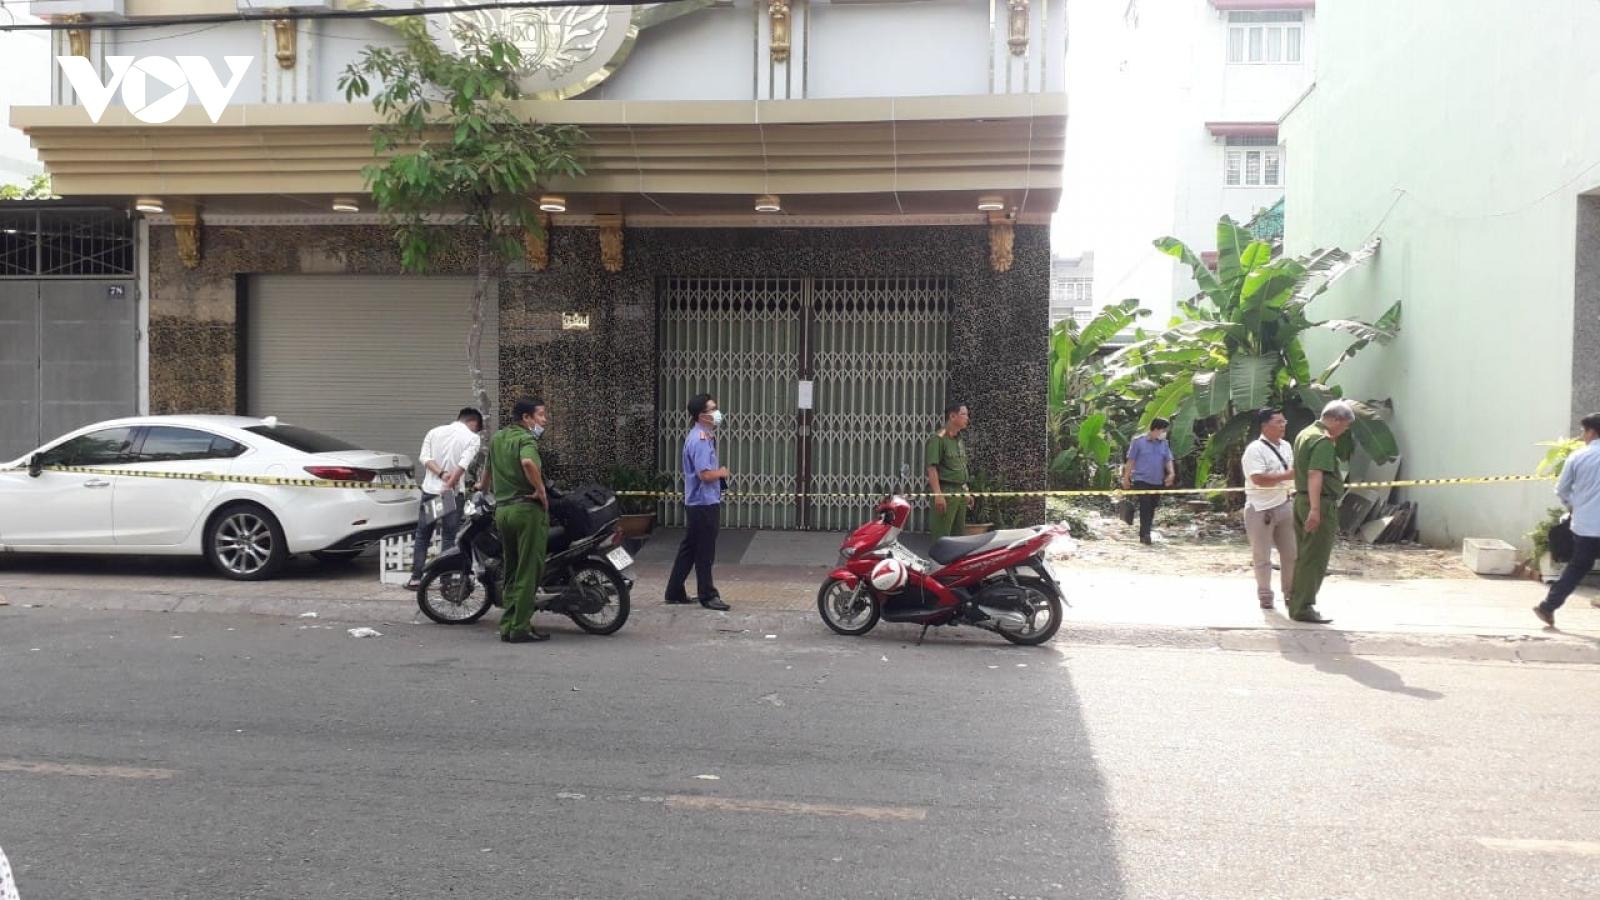 Nổ súng tại cơ sở kinh doanh karaoke ở Tiền Giang, 3 người thương vong